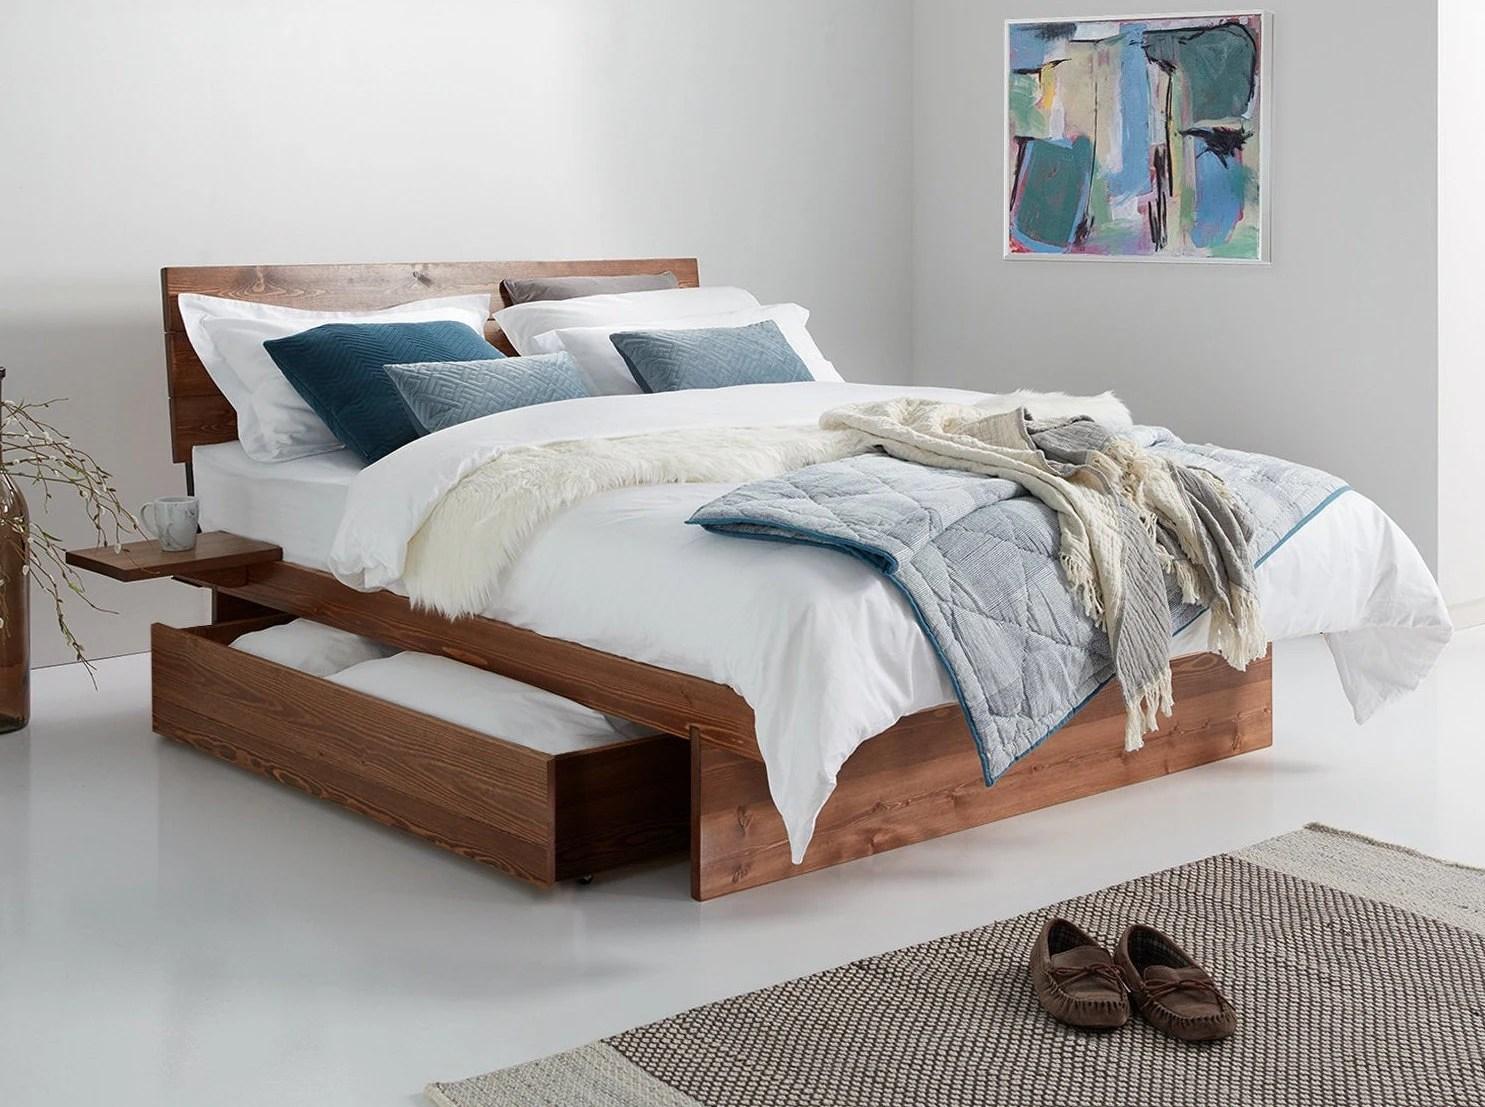 cadre de lit en bois japonais par get laid beds